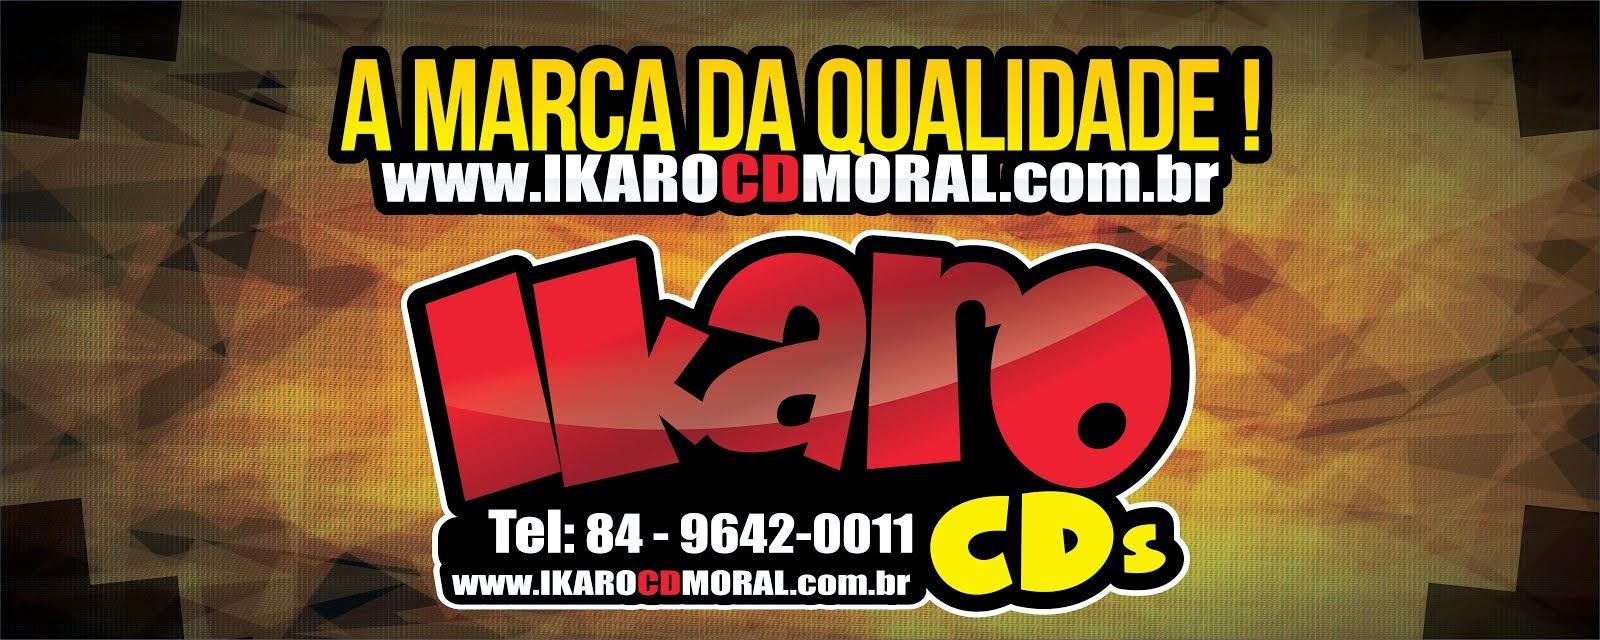 Ikaro    CDs    Moral